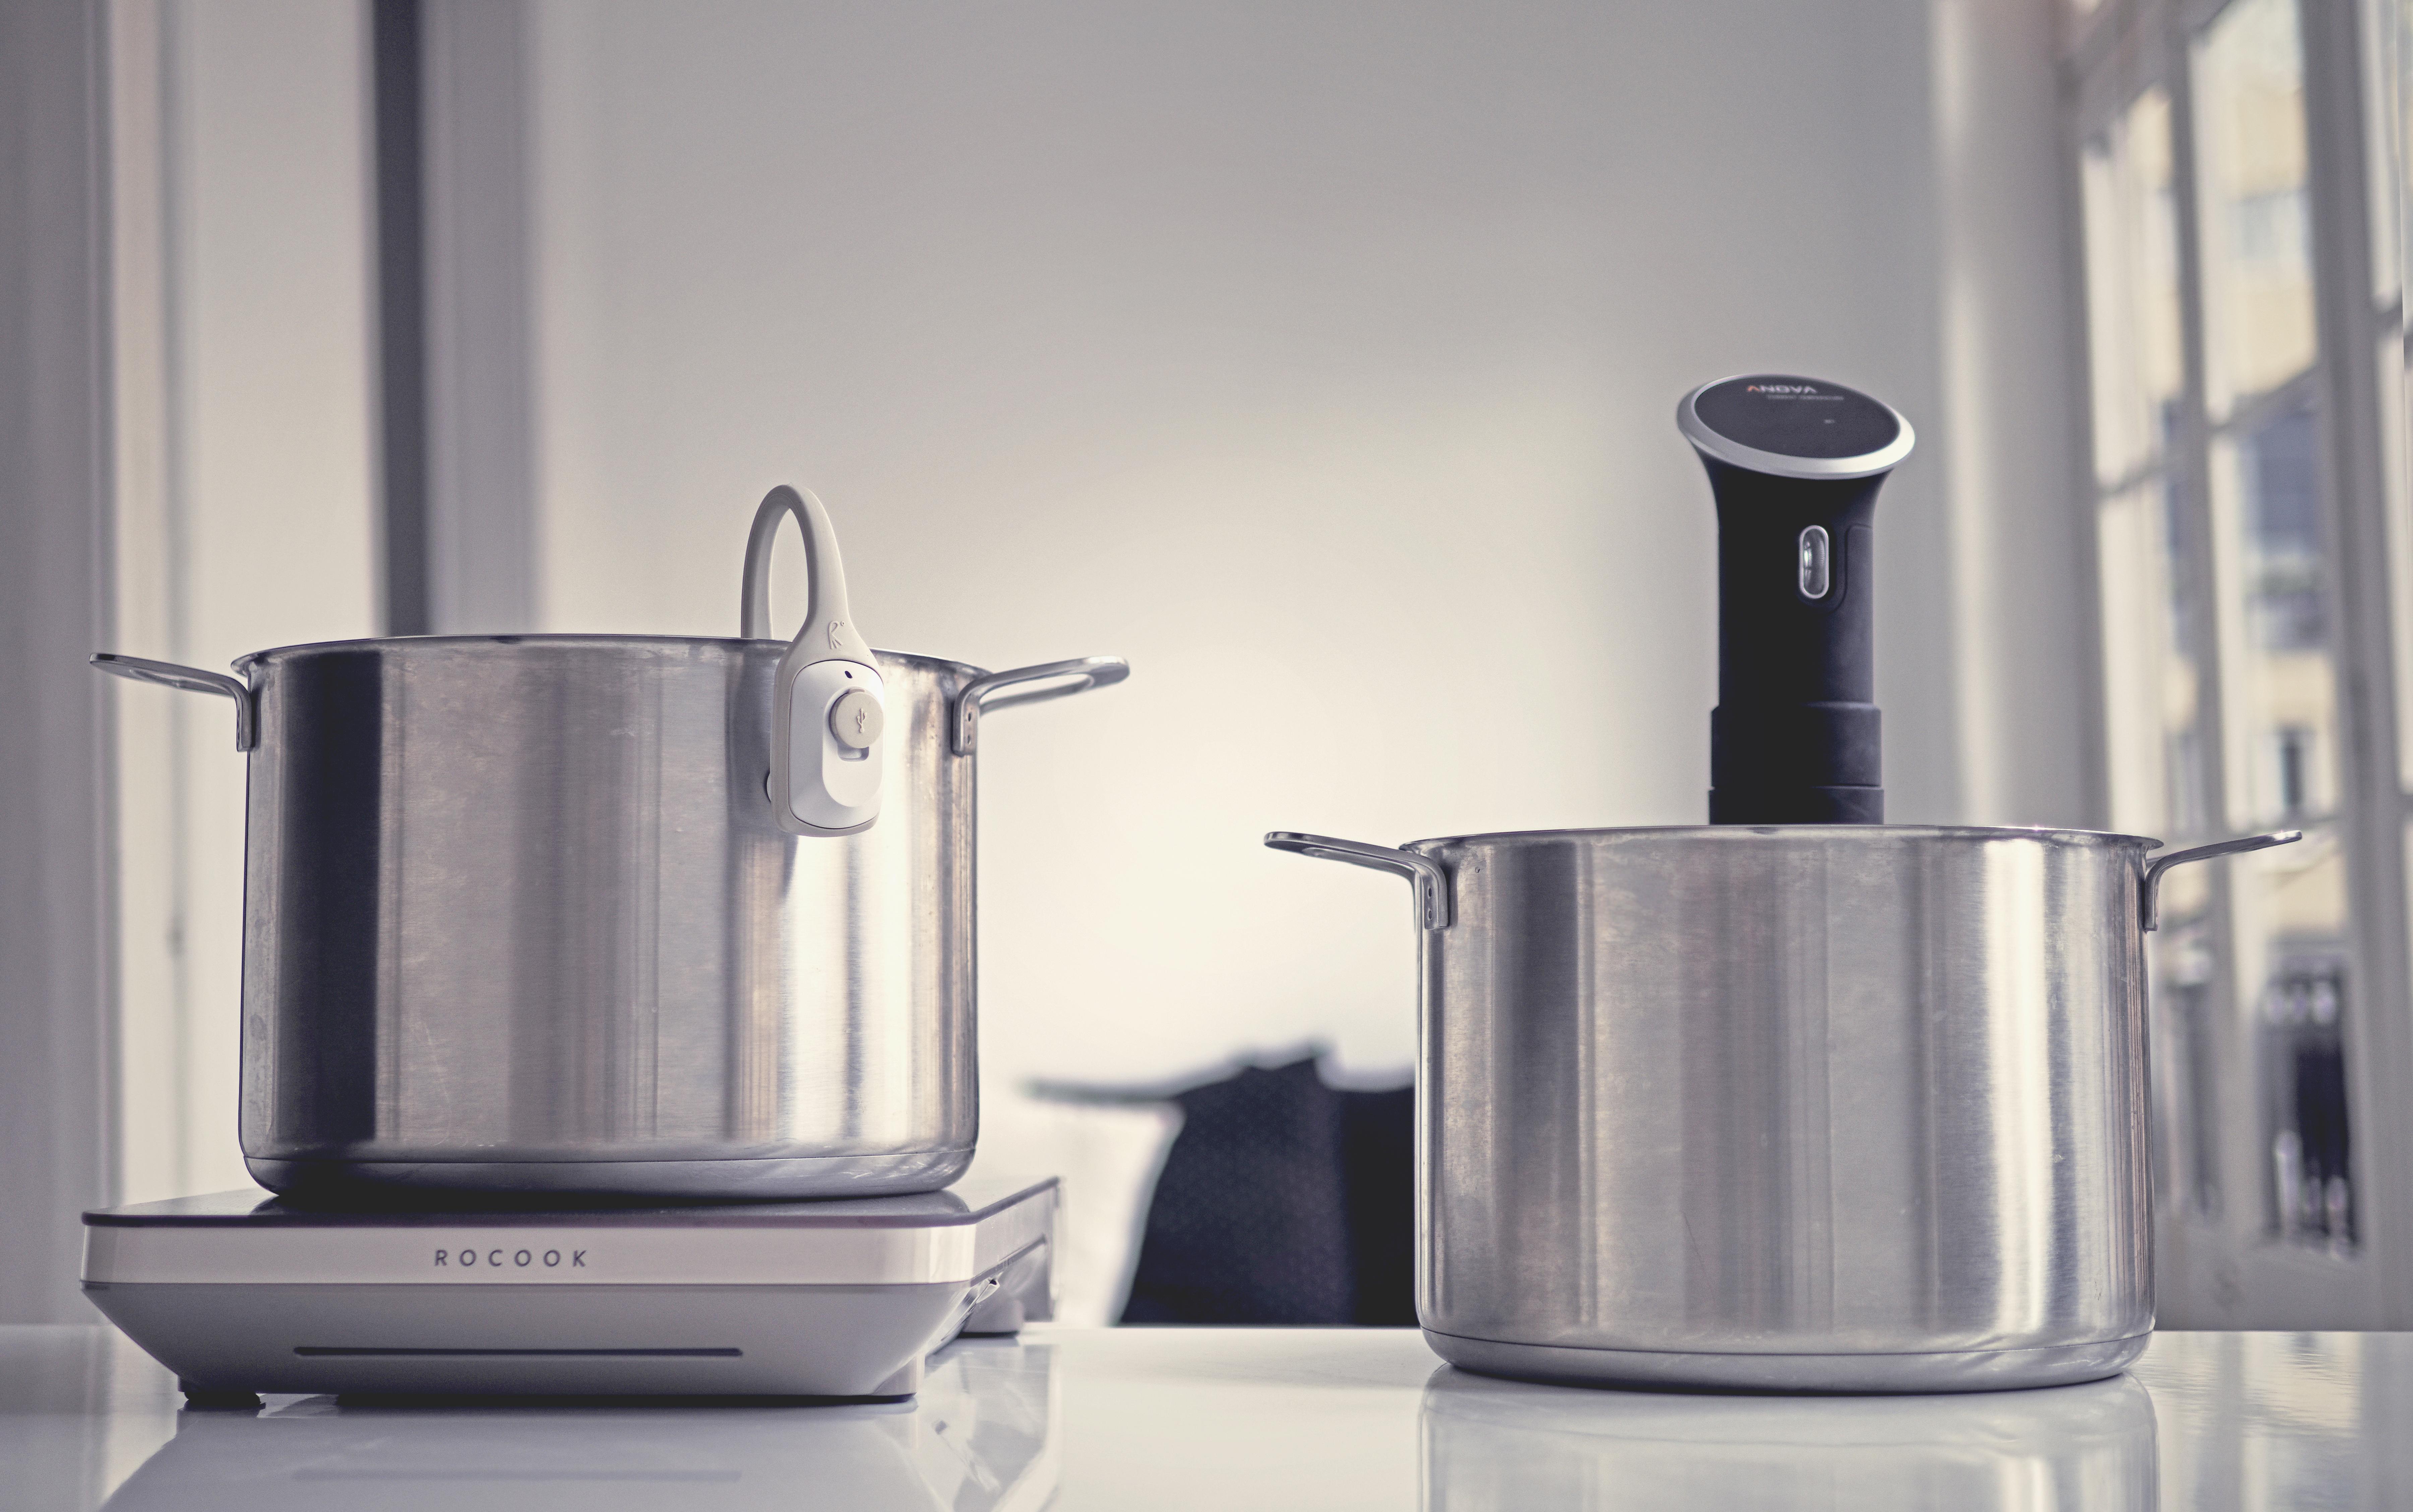 Qu m quina me compro para cocinar a baja temperatura - Cocinar a baja temperatura ...